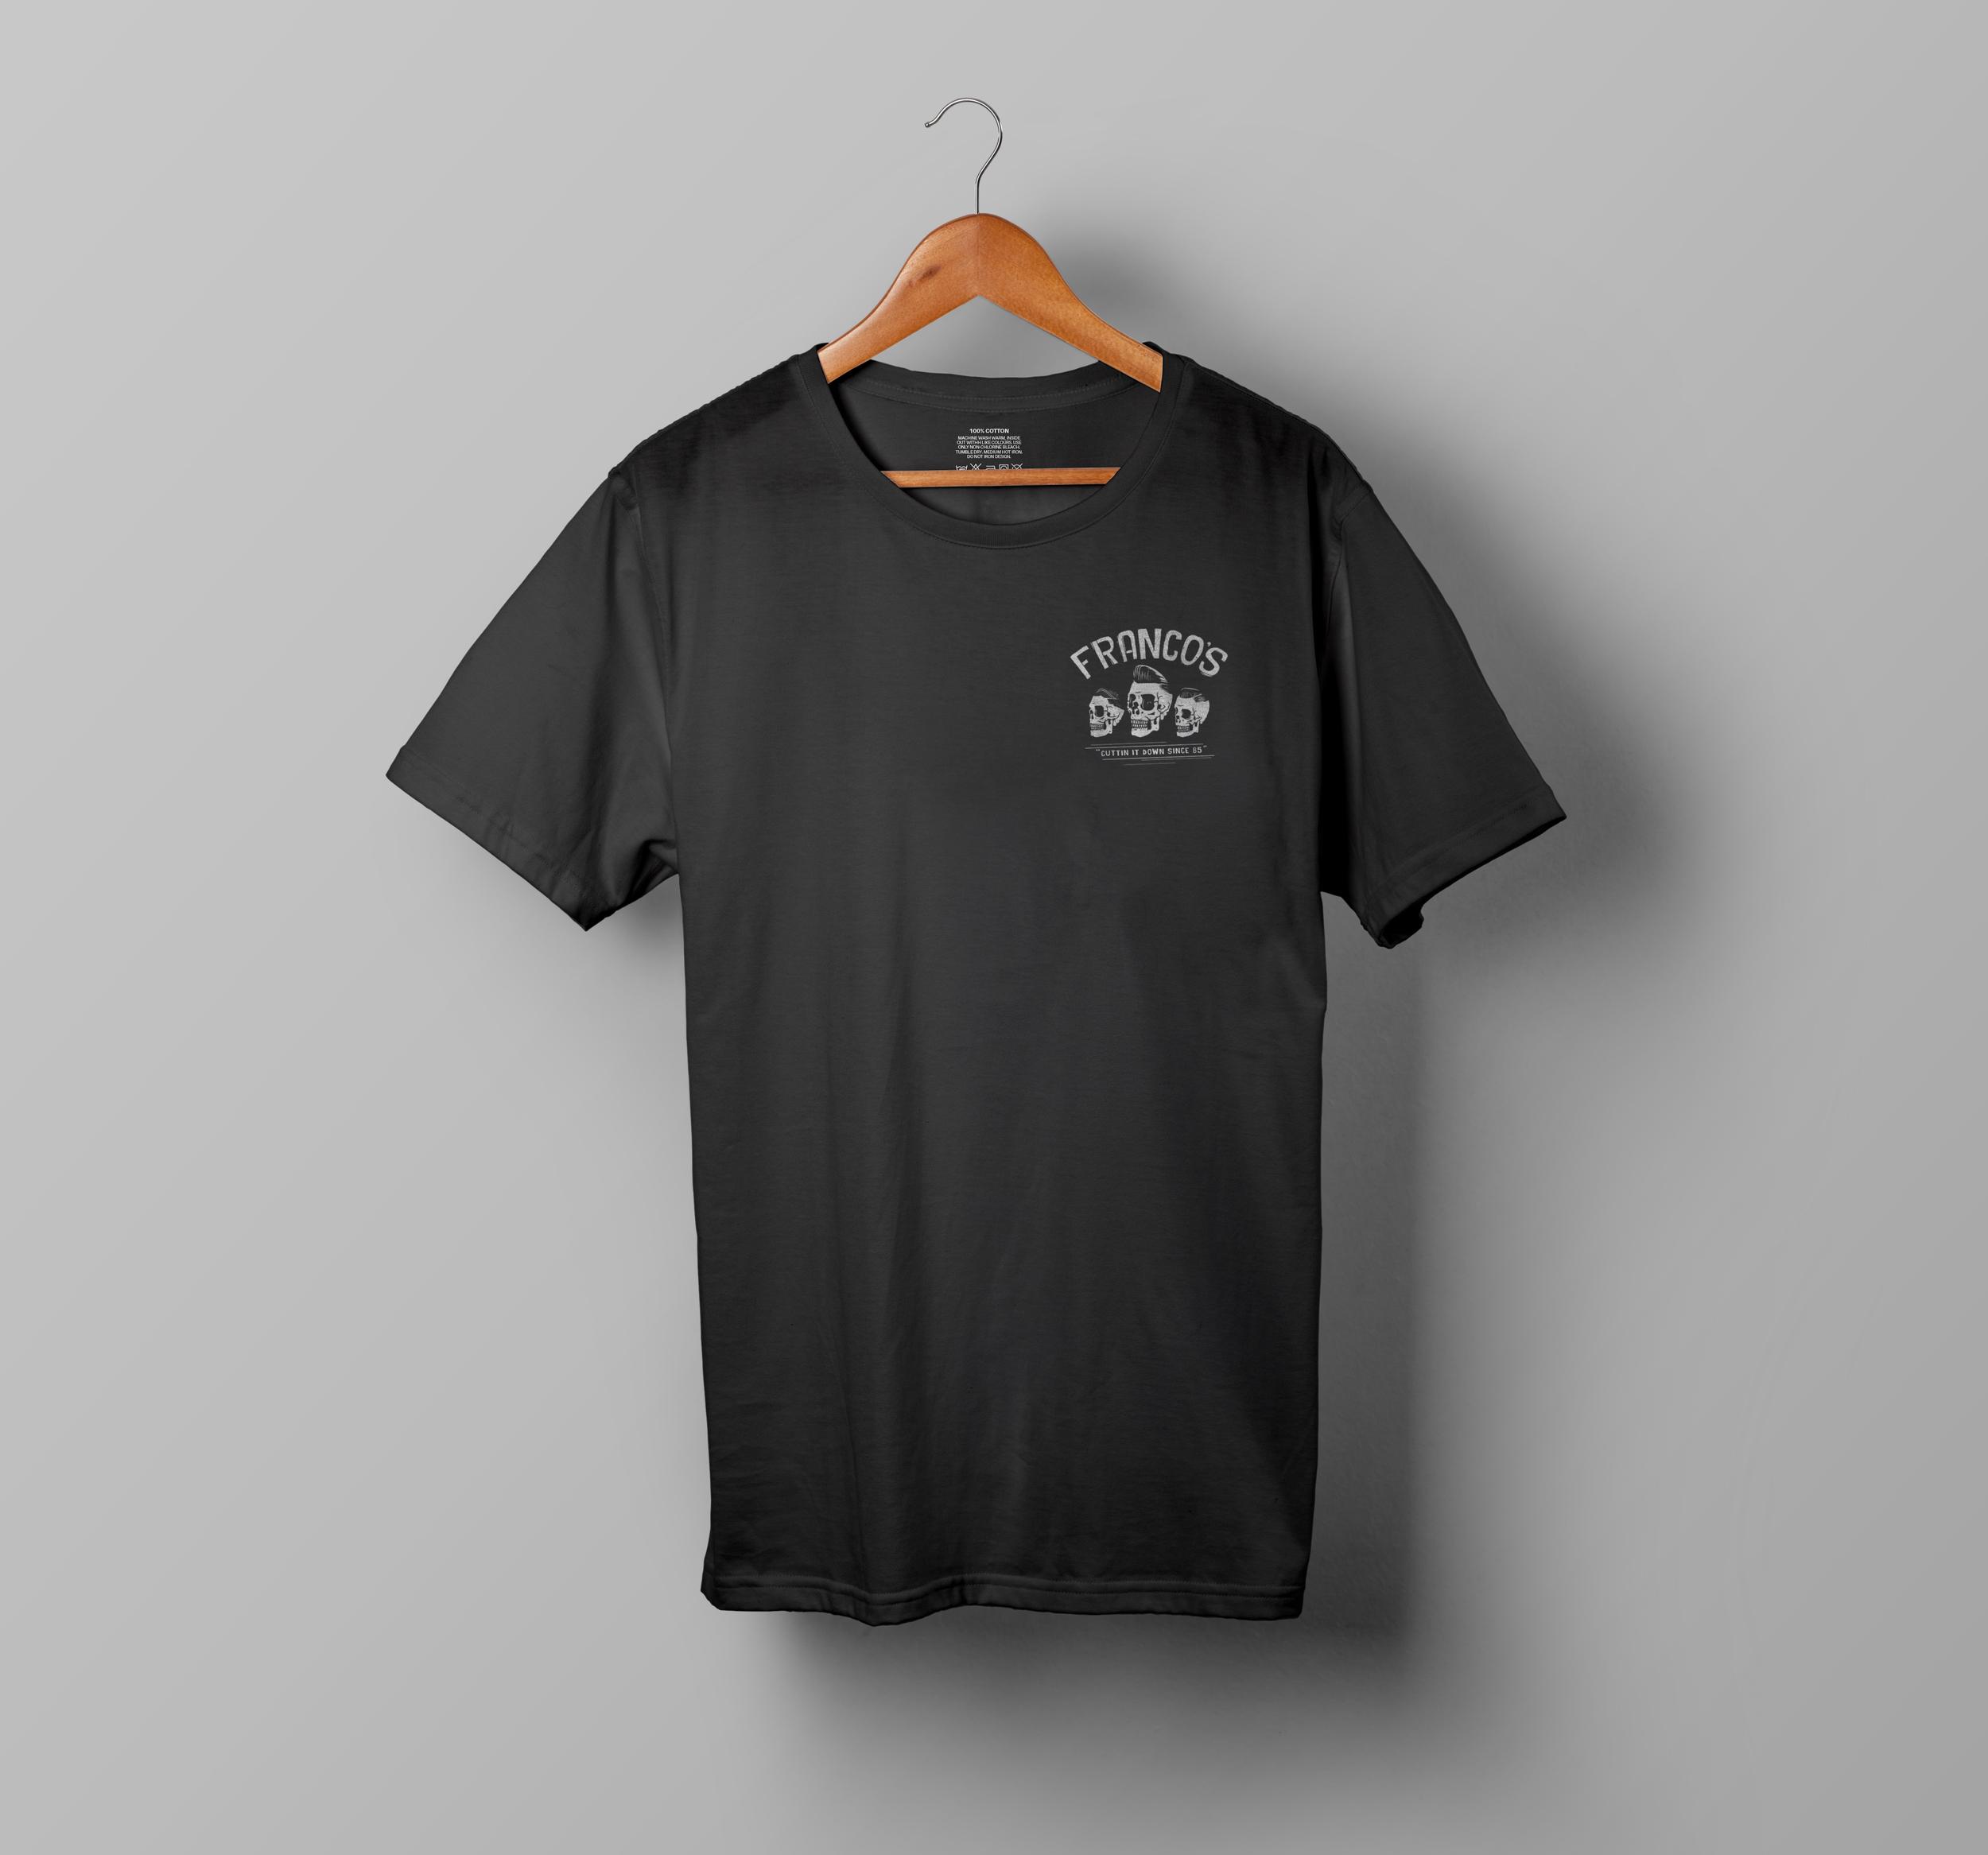 Franco's-TShirt-Example-2.jpg